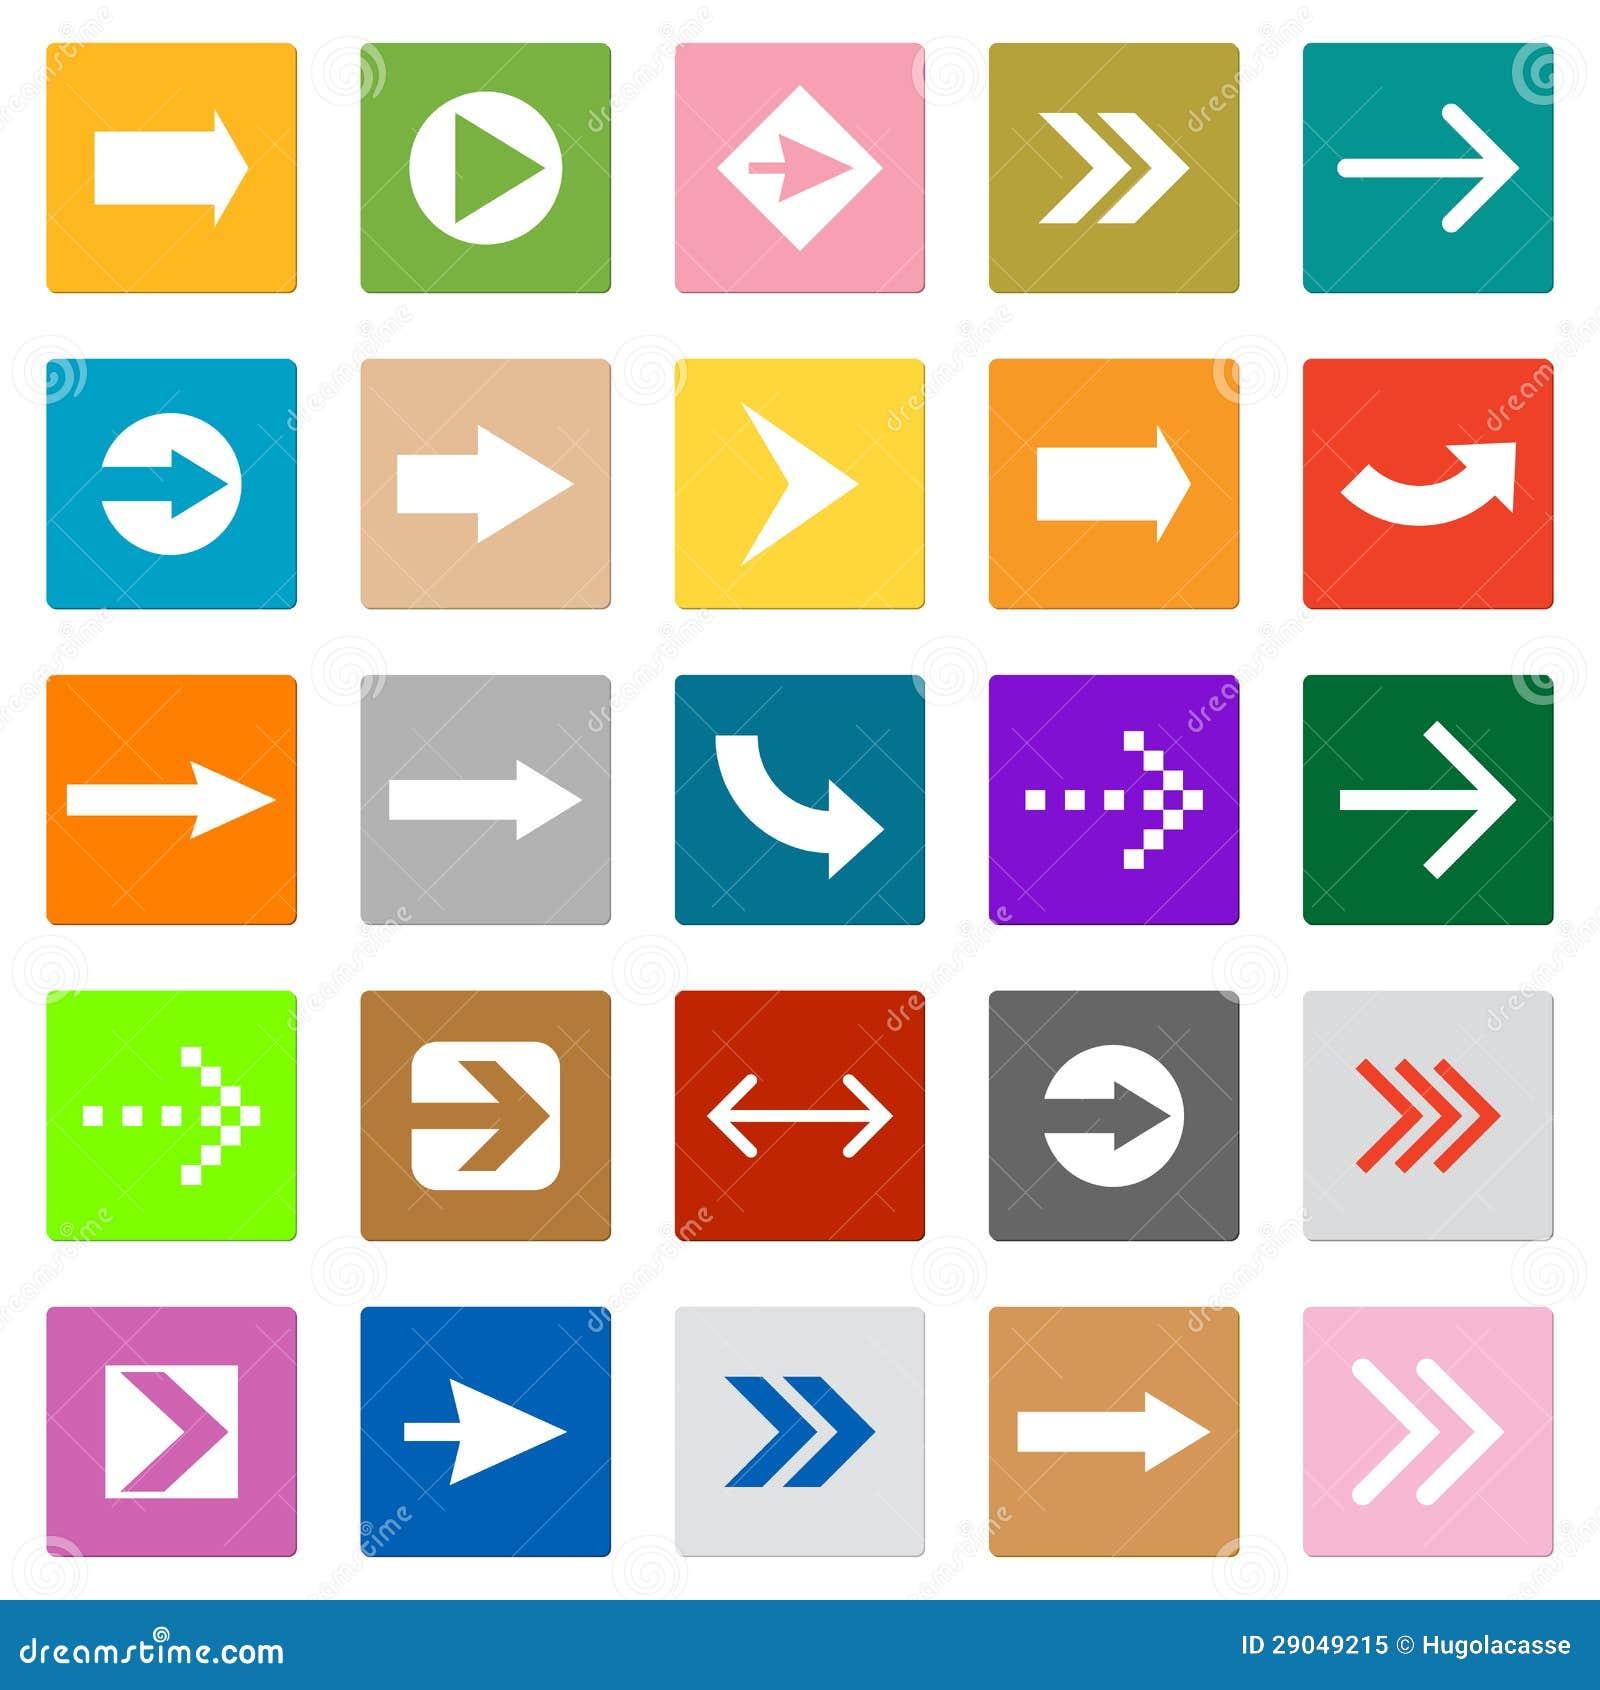 箭头符号图标三角板形状互联网按钮